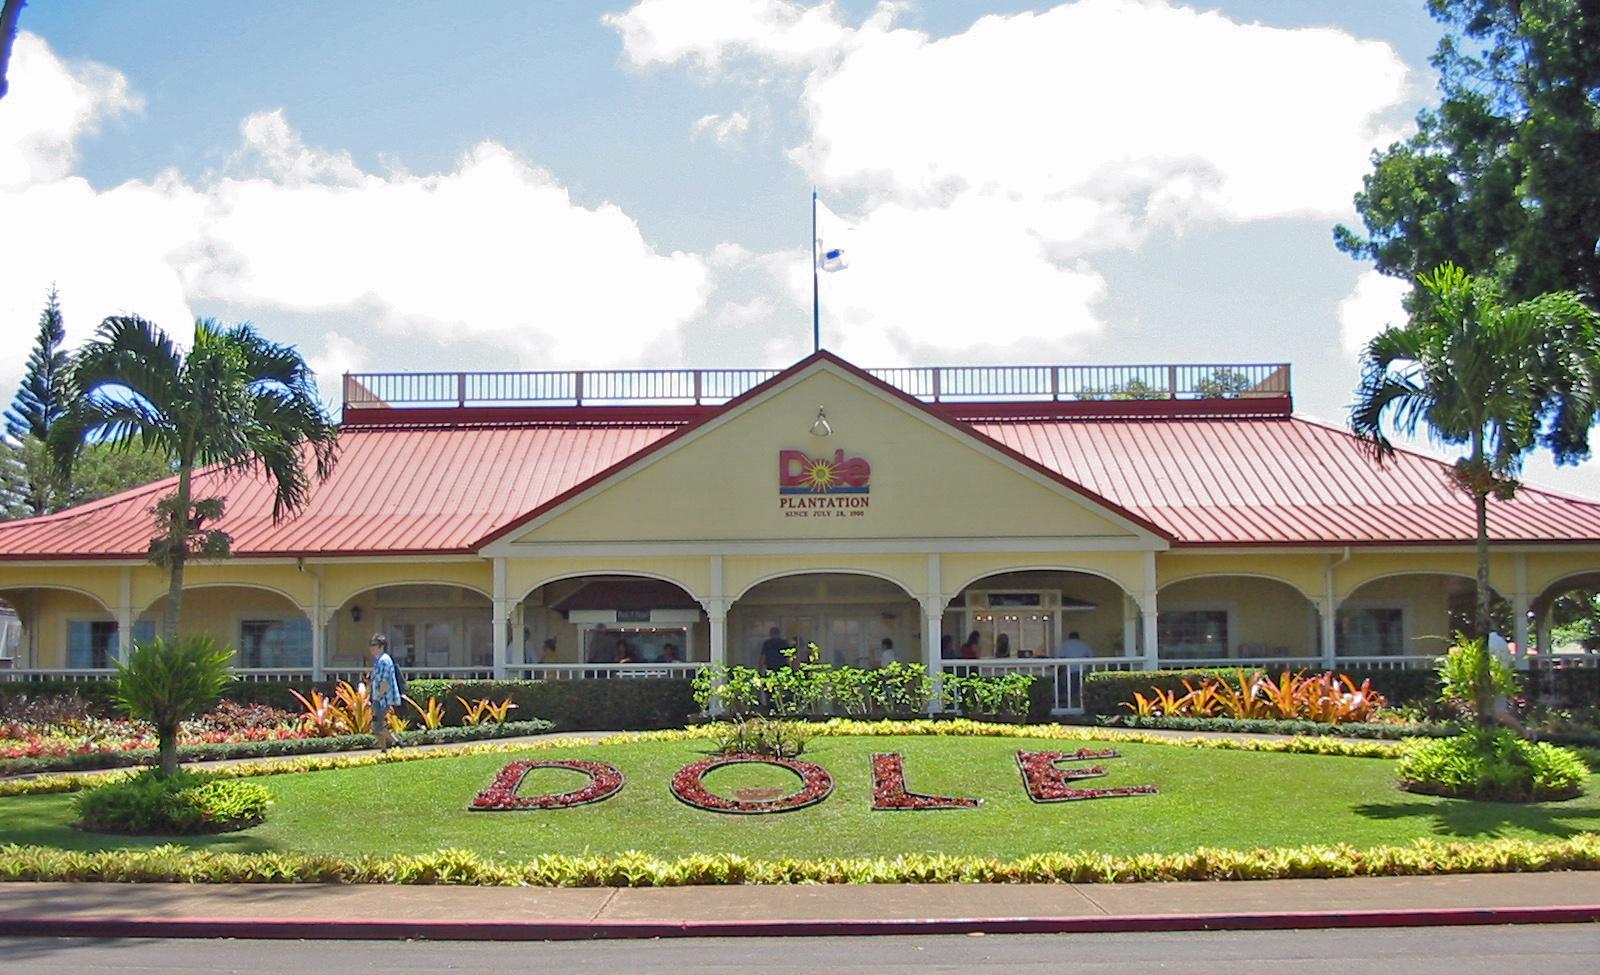 Au centre  de l'île de Oahu, un million de touristes visitent chaque année la Dole Plantation, une reconstitution très commerciale de ce que fut une vraie plantation (avec un petit train et le plus grand labyrinthe végétal du monde).